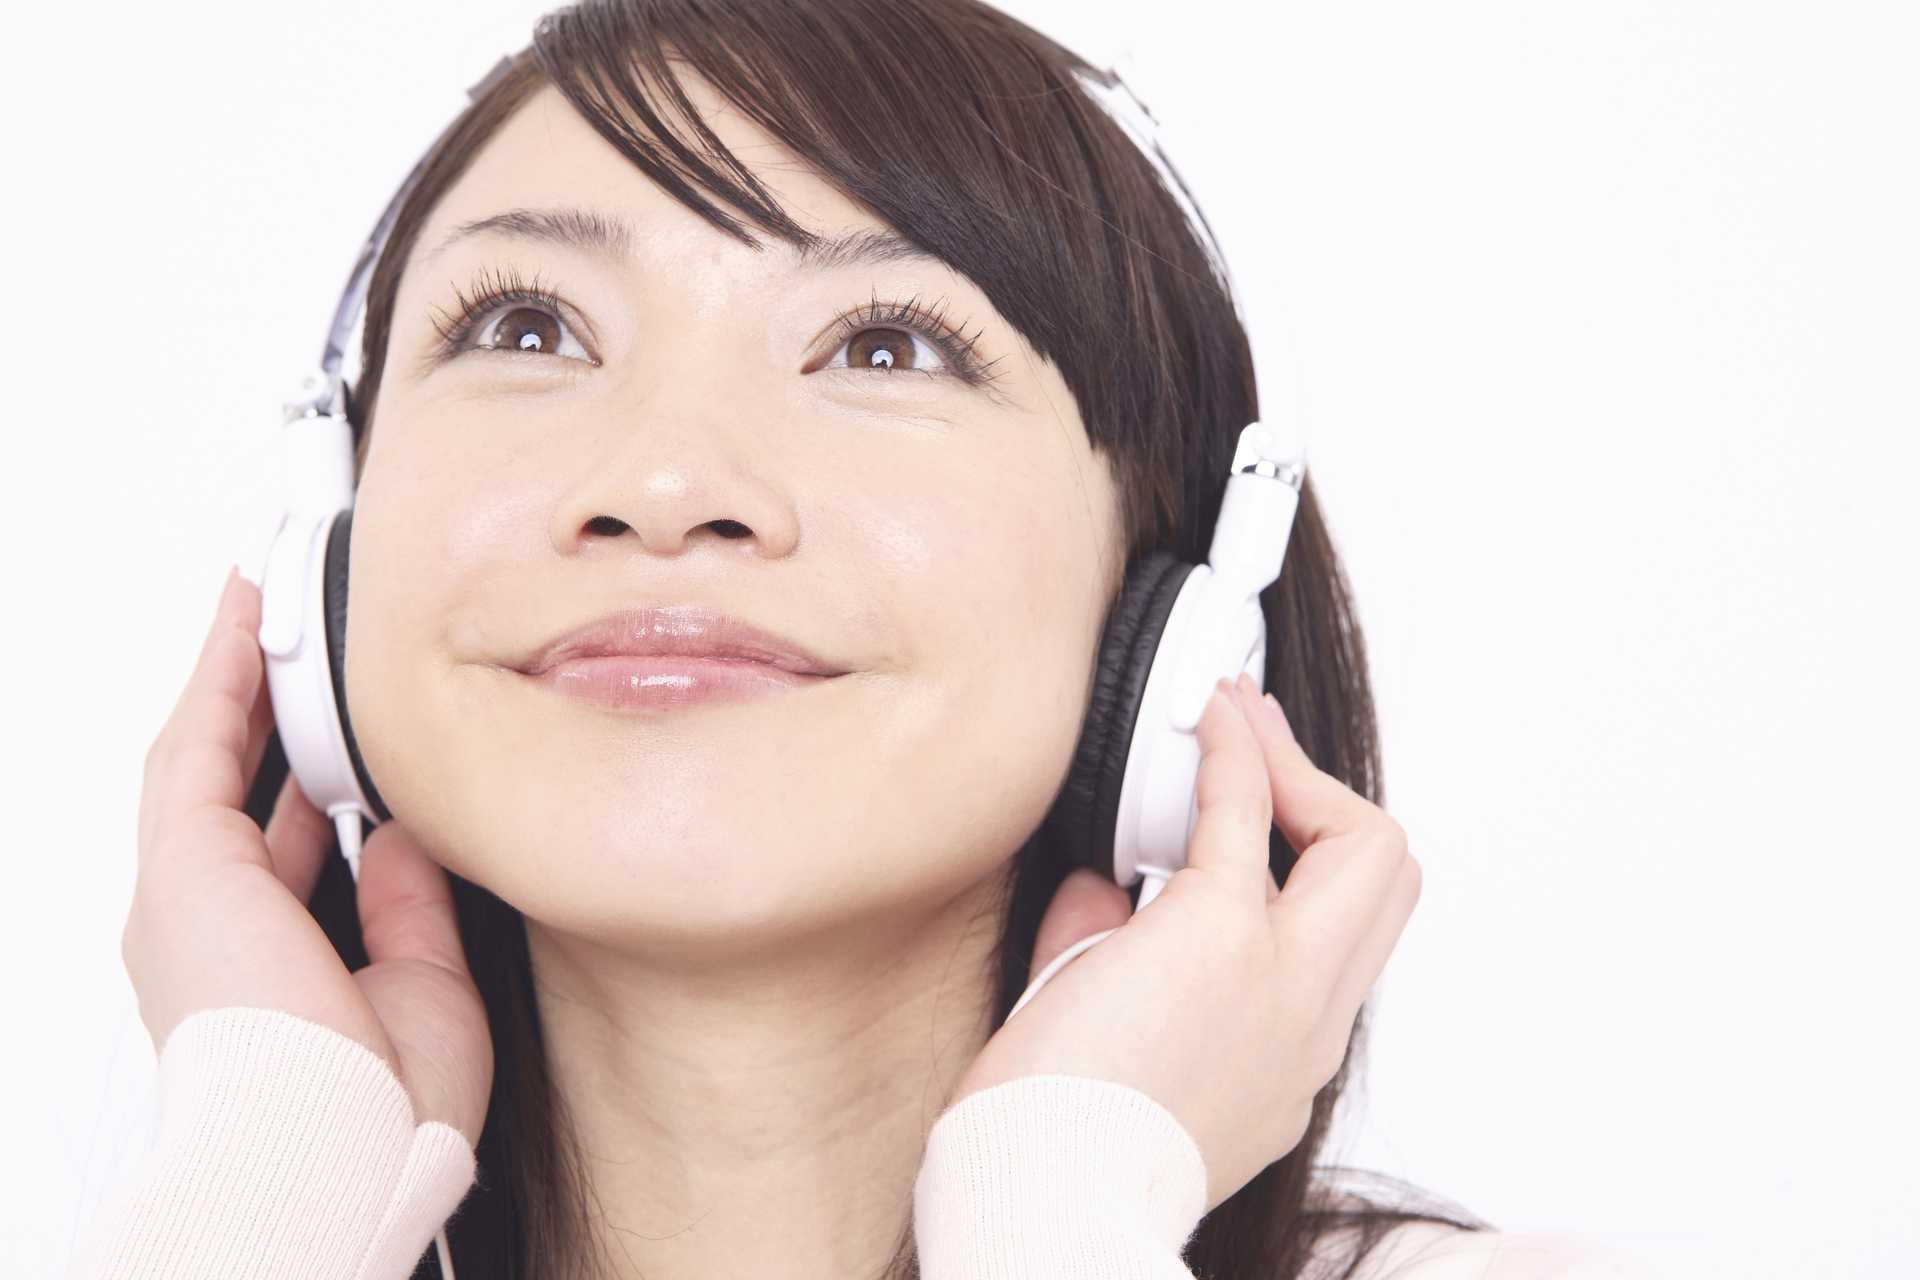 やる気の出る音楽を聴くと、やる気が出る。 | やる気を出す30の方法